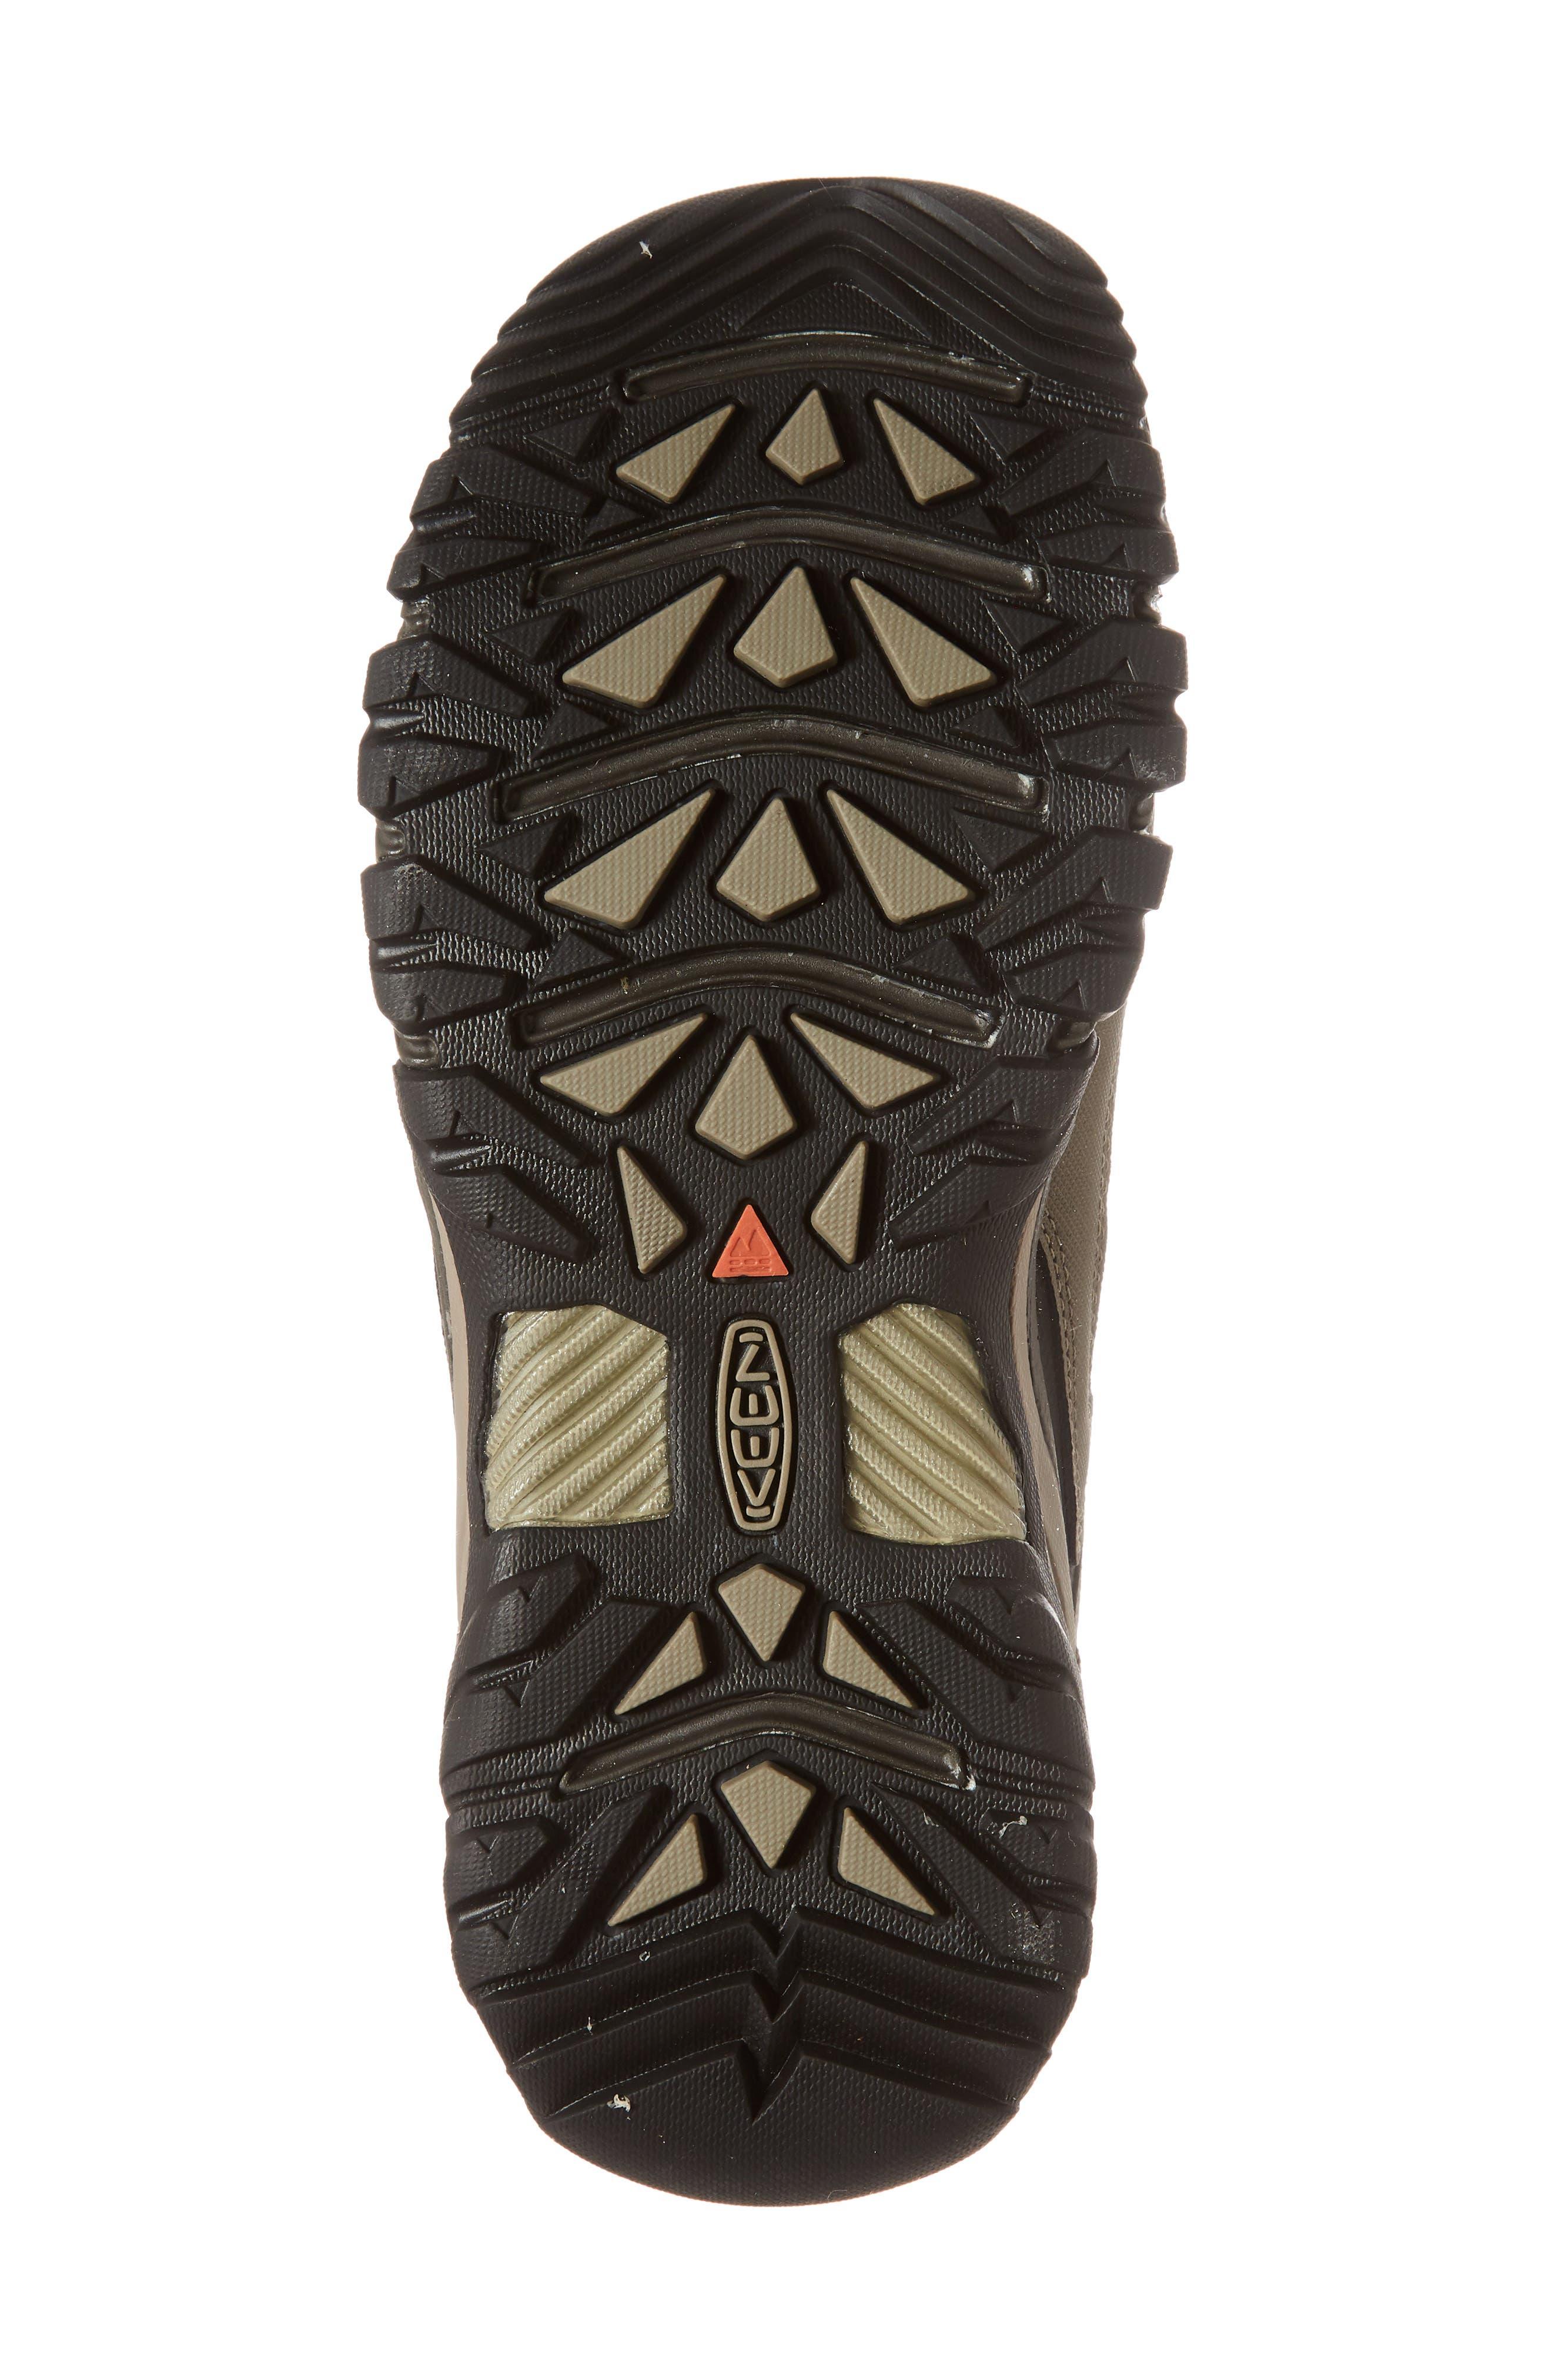 KEEN, Targhee EXP Mid Waterproof Hiking Boot, Alternate thumbnail 6, color, BUNGEE CORD/BRINDLE